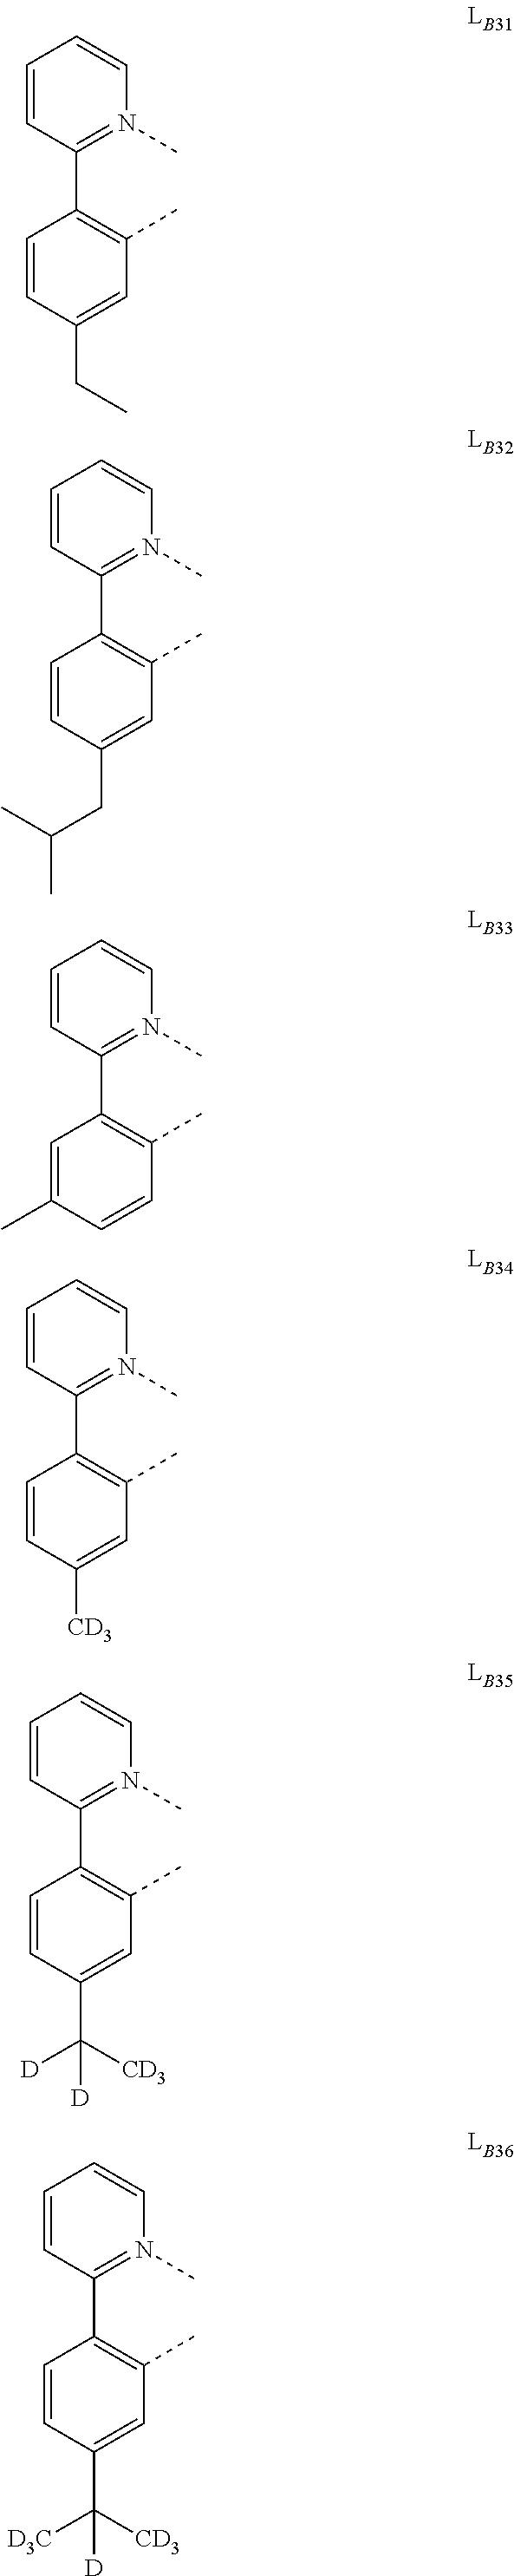 Figure US20180130962A1-20180510-C00266